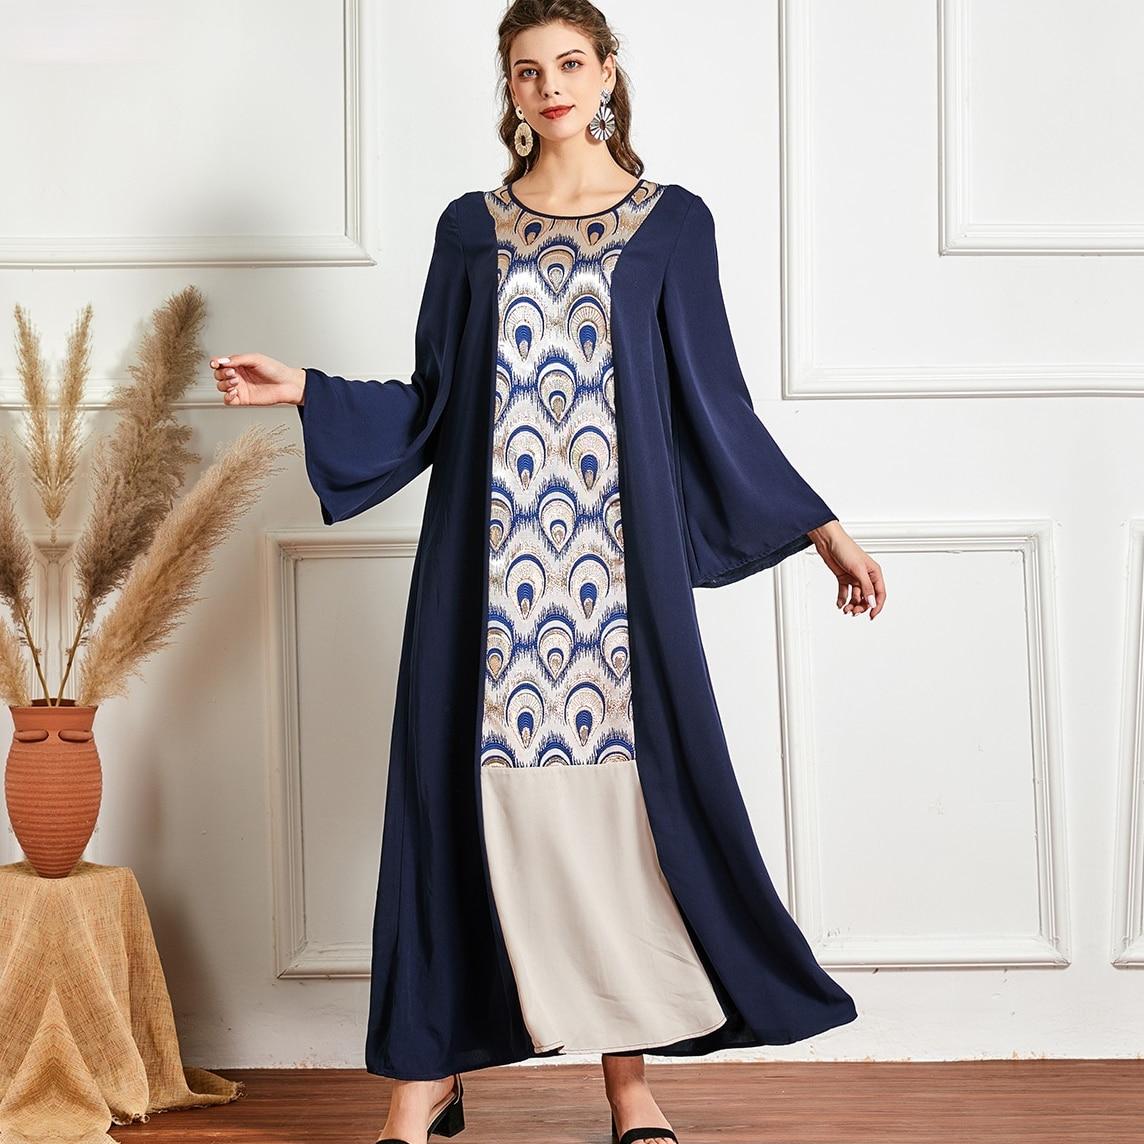 مسلم موضة جديدة كبيرة الحجم المرأة الجولة الرقبة طويلة الأكمام موضة اللون مطابقة مزاجه فستان عباية تركيا Kuftan